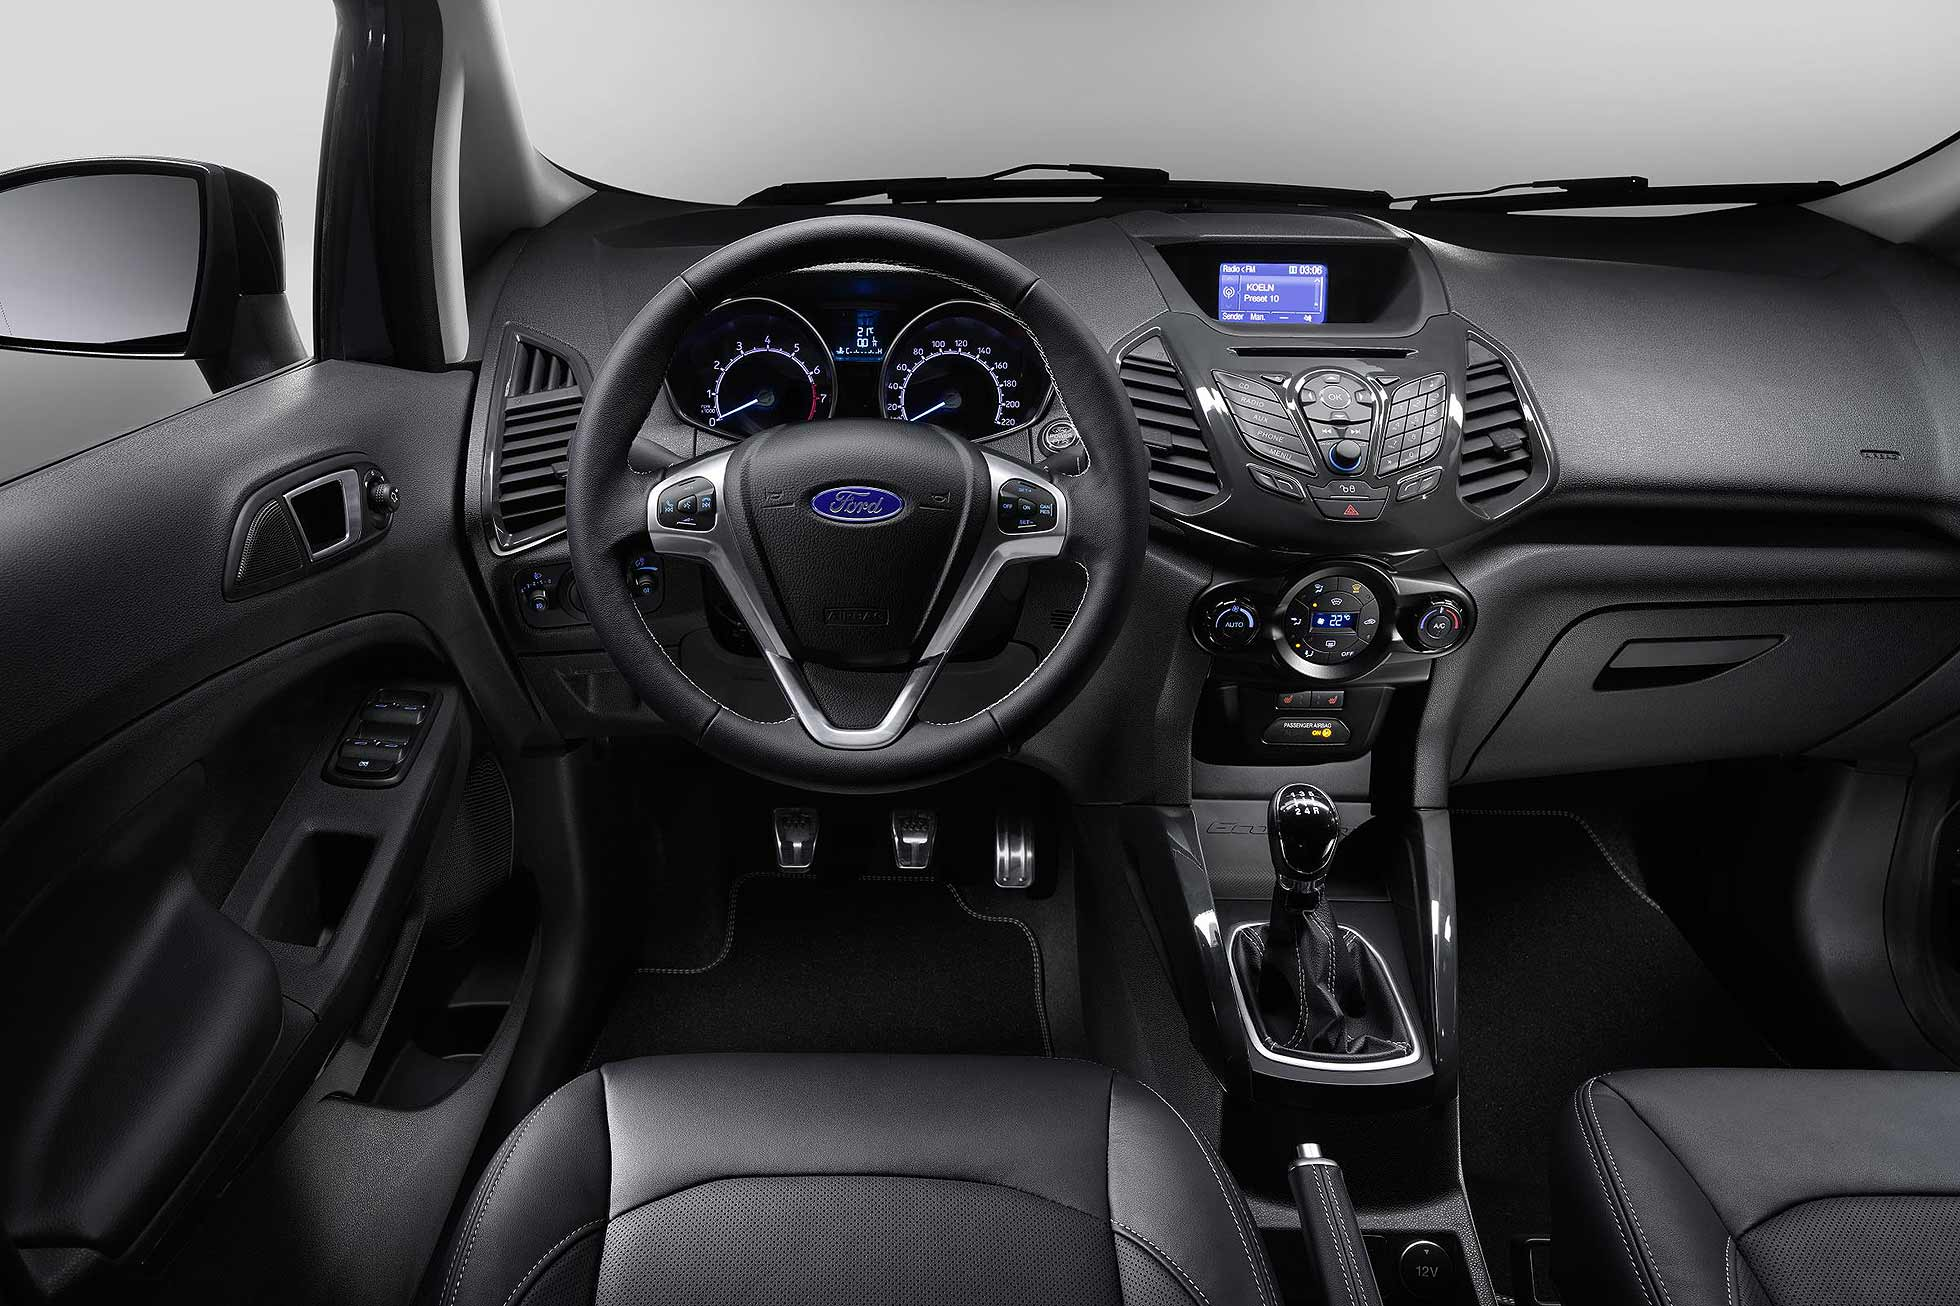 форд экоспорт 2016 в новом кузове фото #10